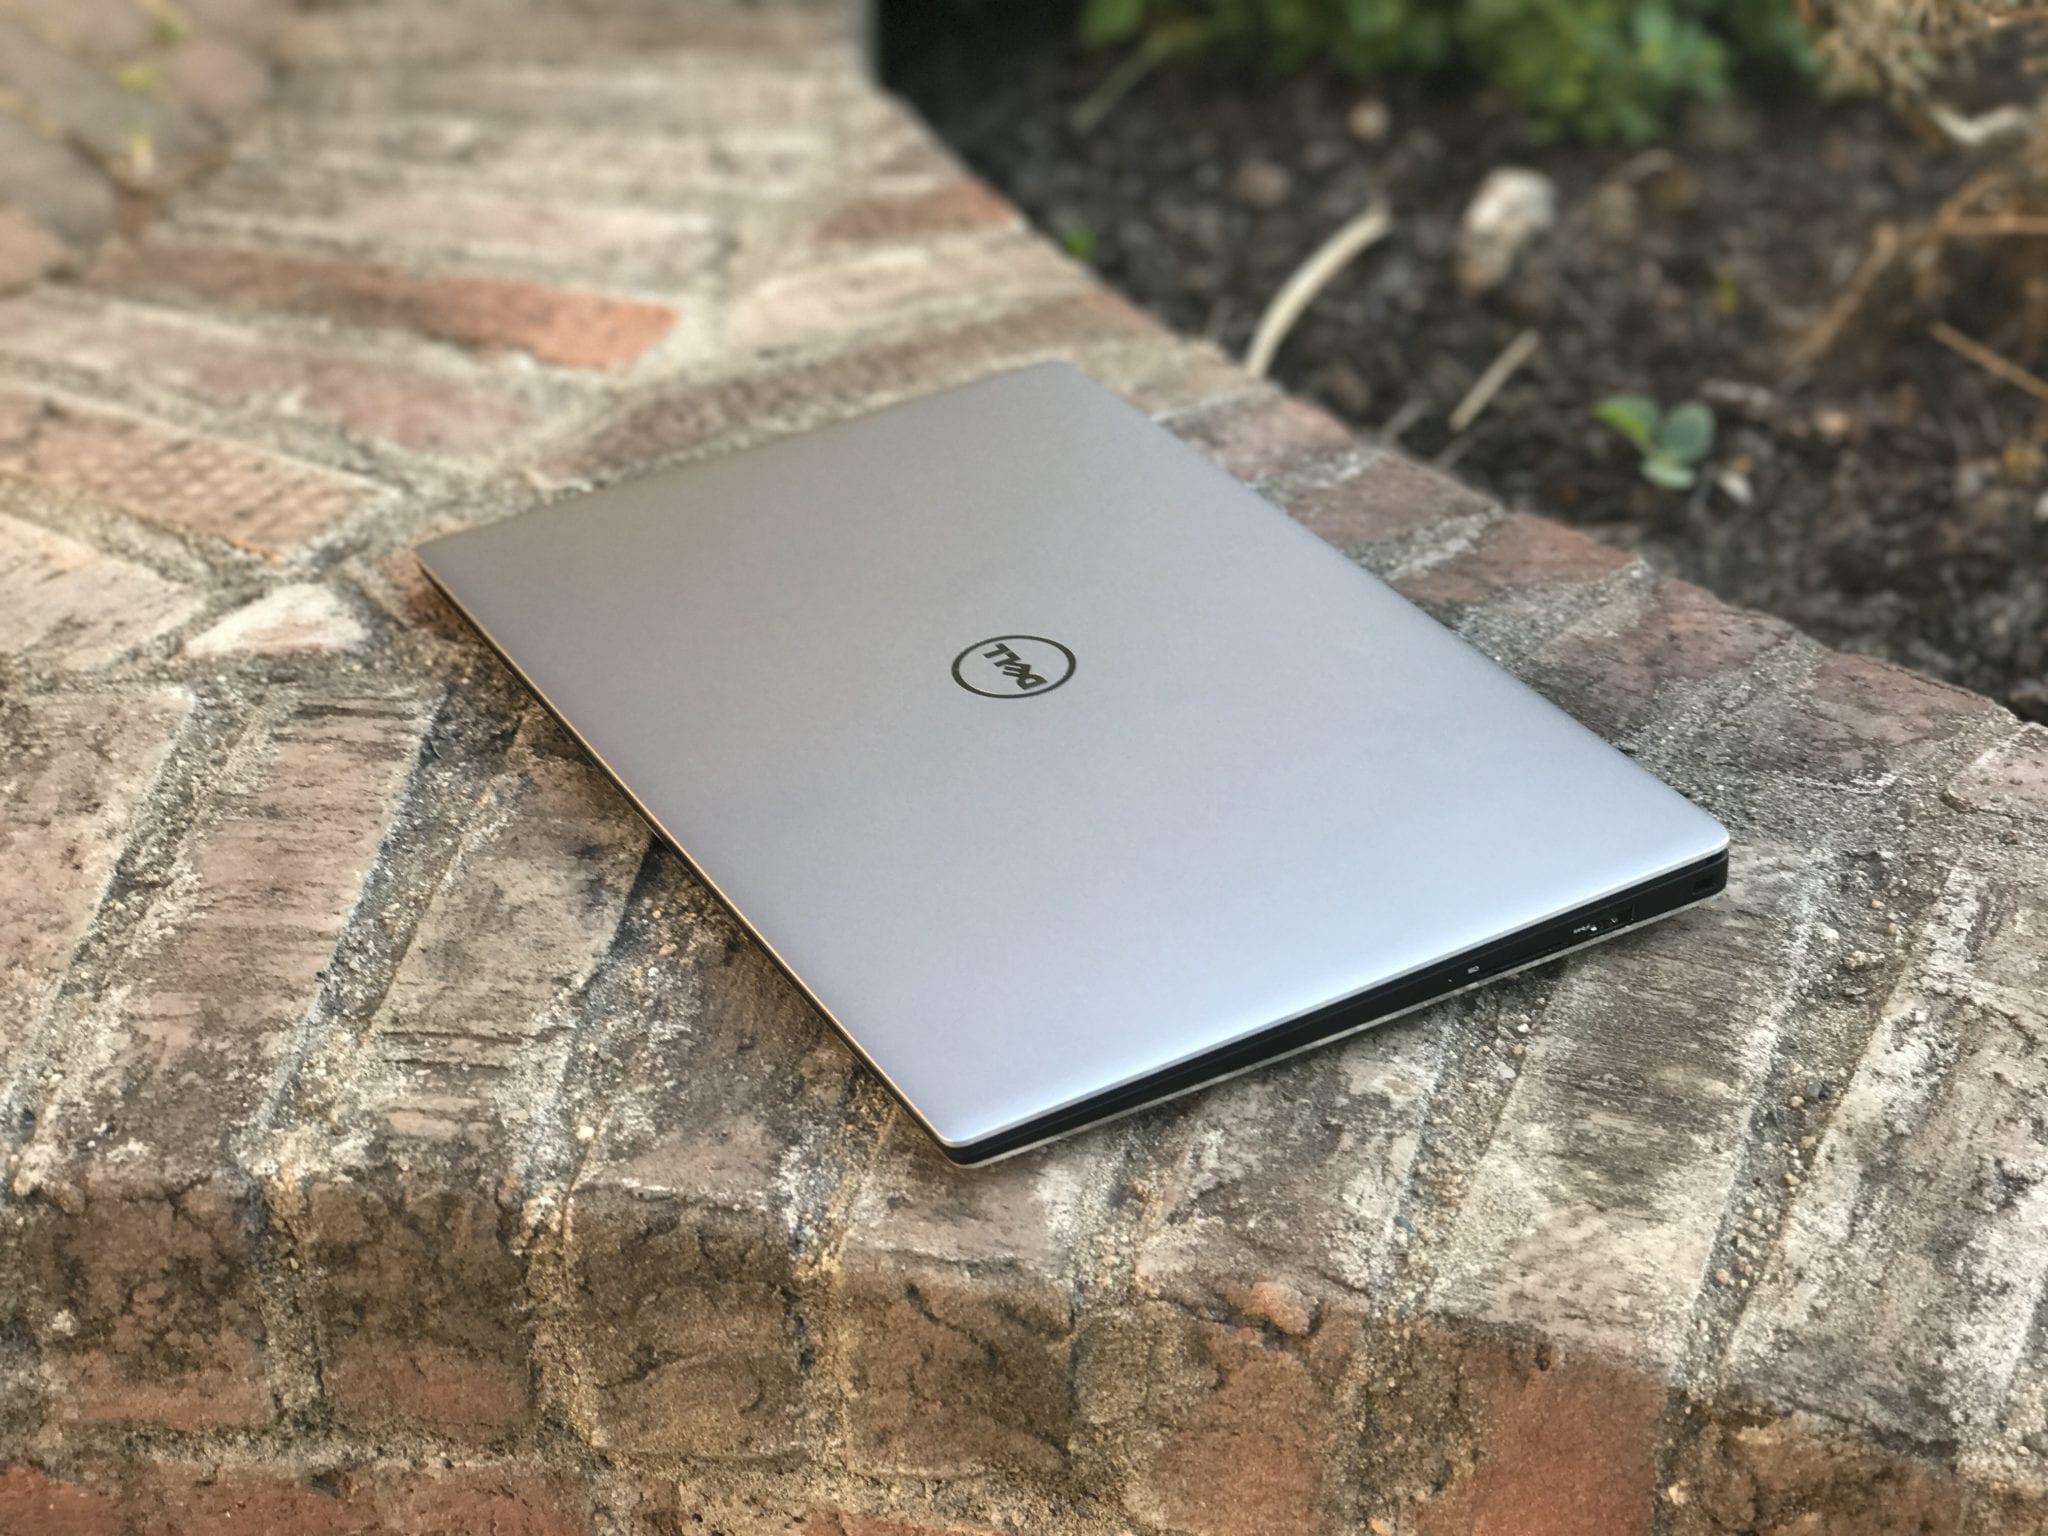 IMG 5238 - Recenze Dell XPS13 Touch: aneb když má MacBook Pro konkurenci